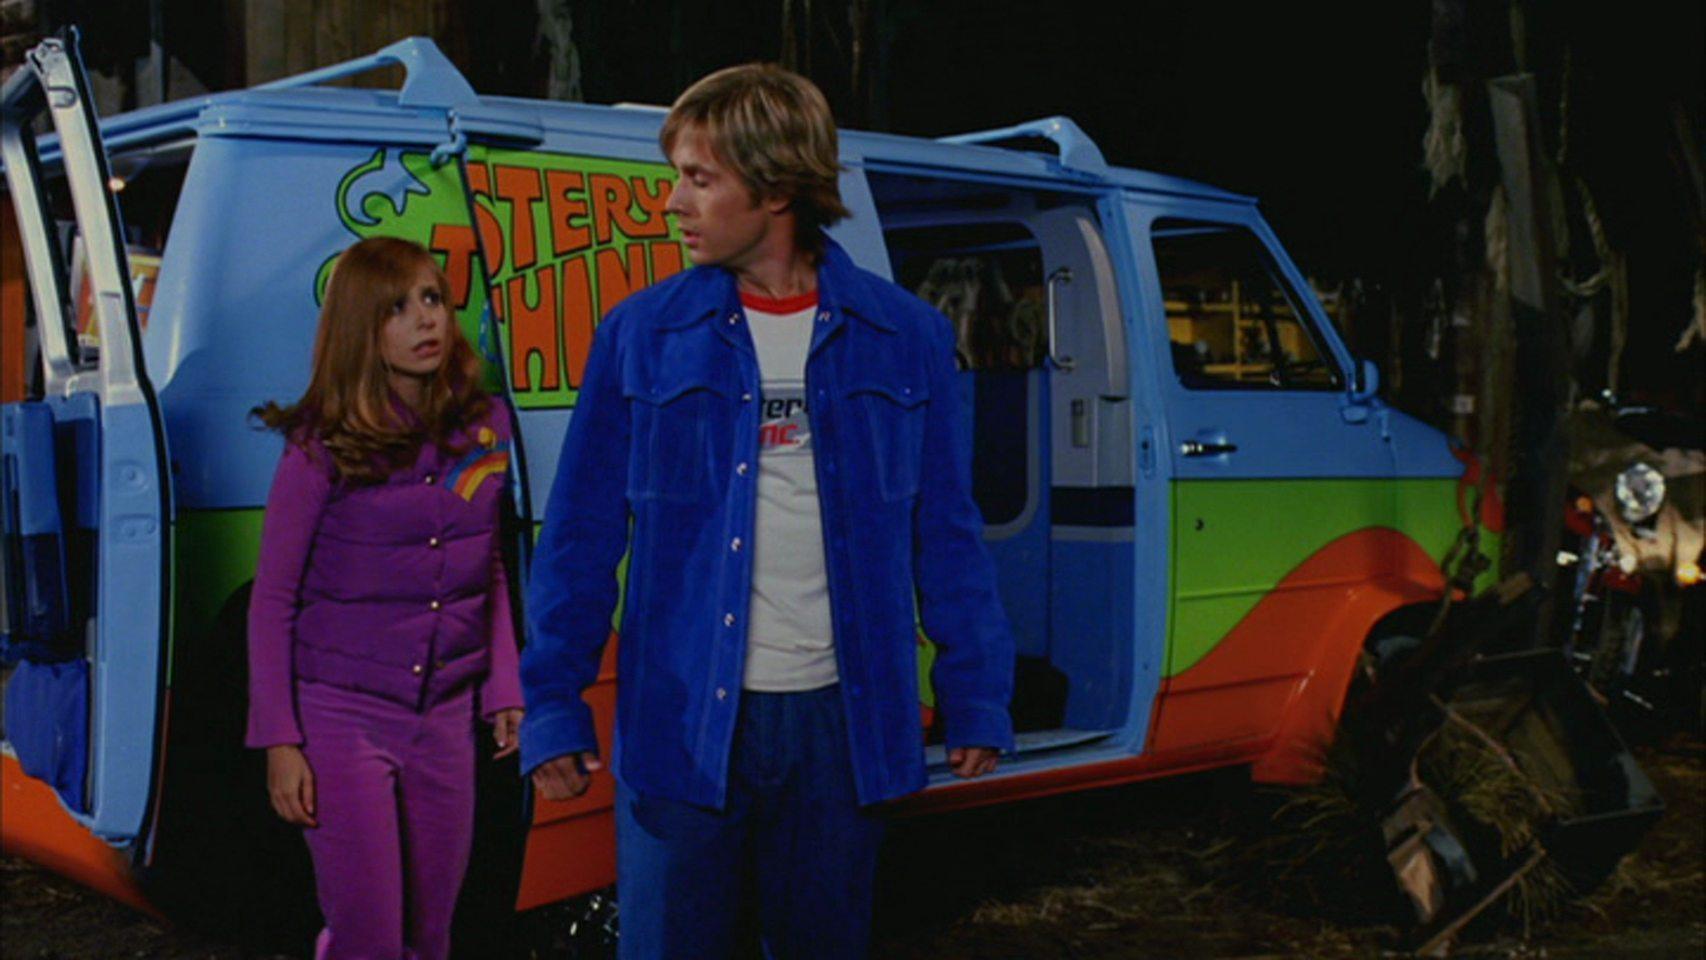 Scooby Doo 2 Monsters Unleashed Scooby Doo Image 21455380 À¤« À¤¨ À¤ª À¤ª